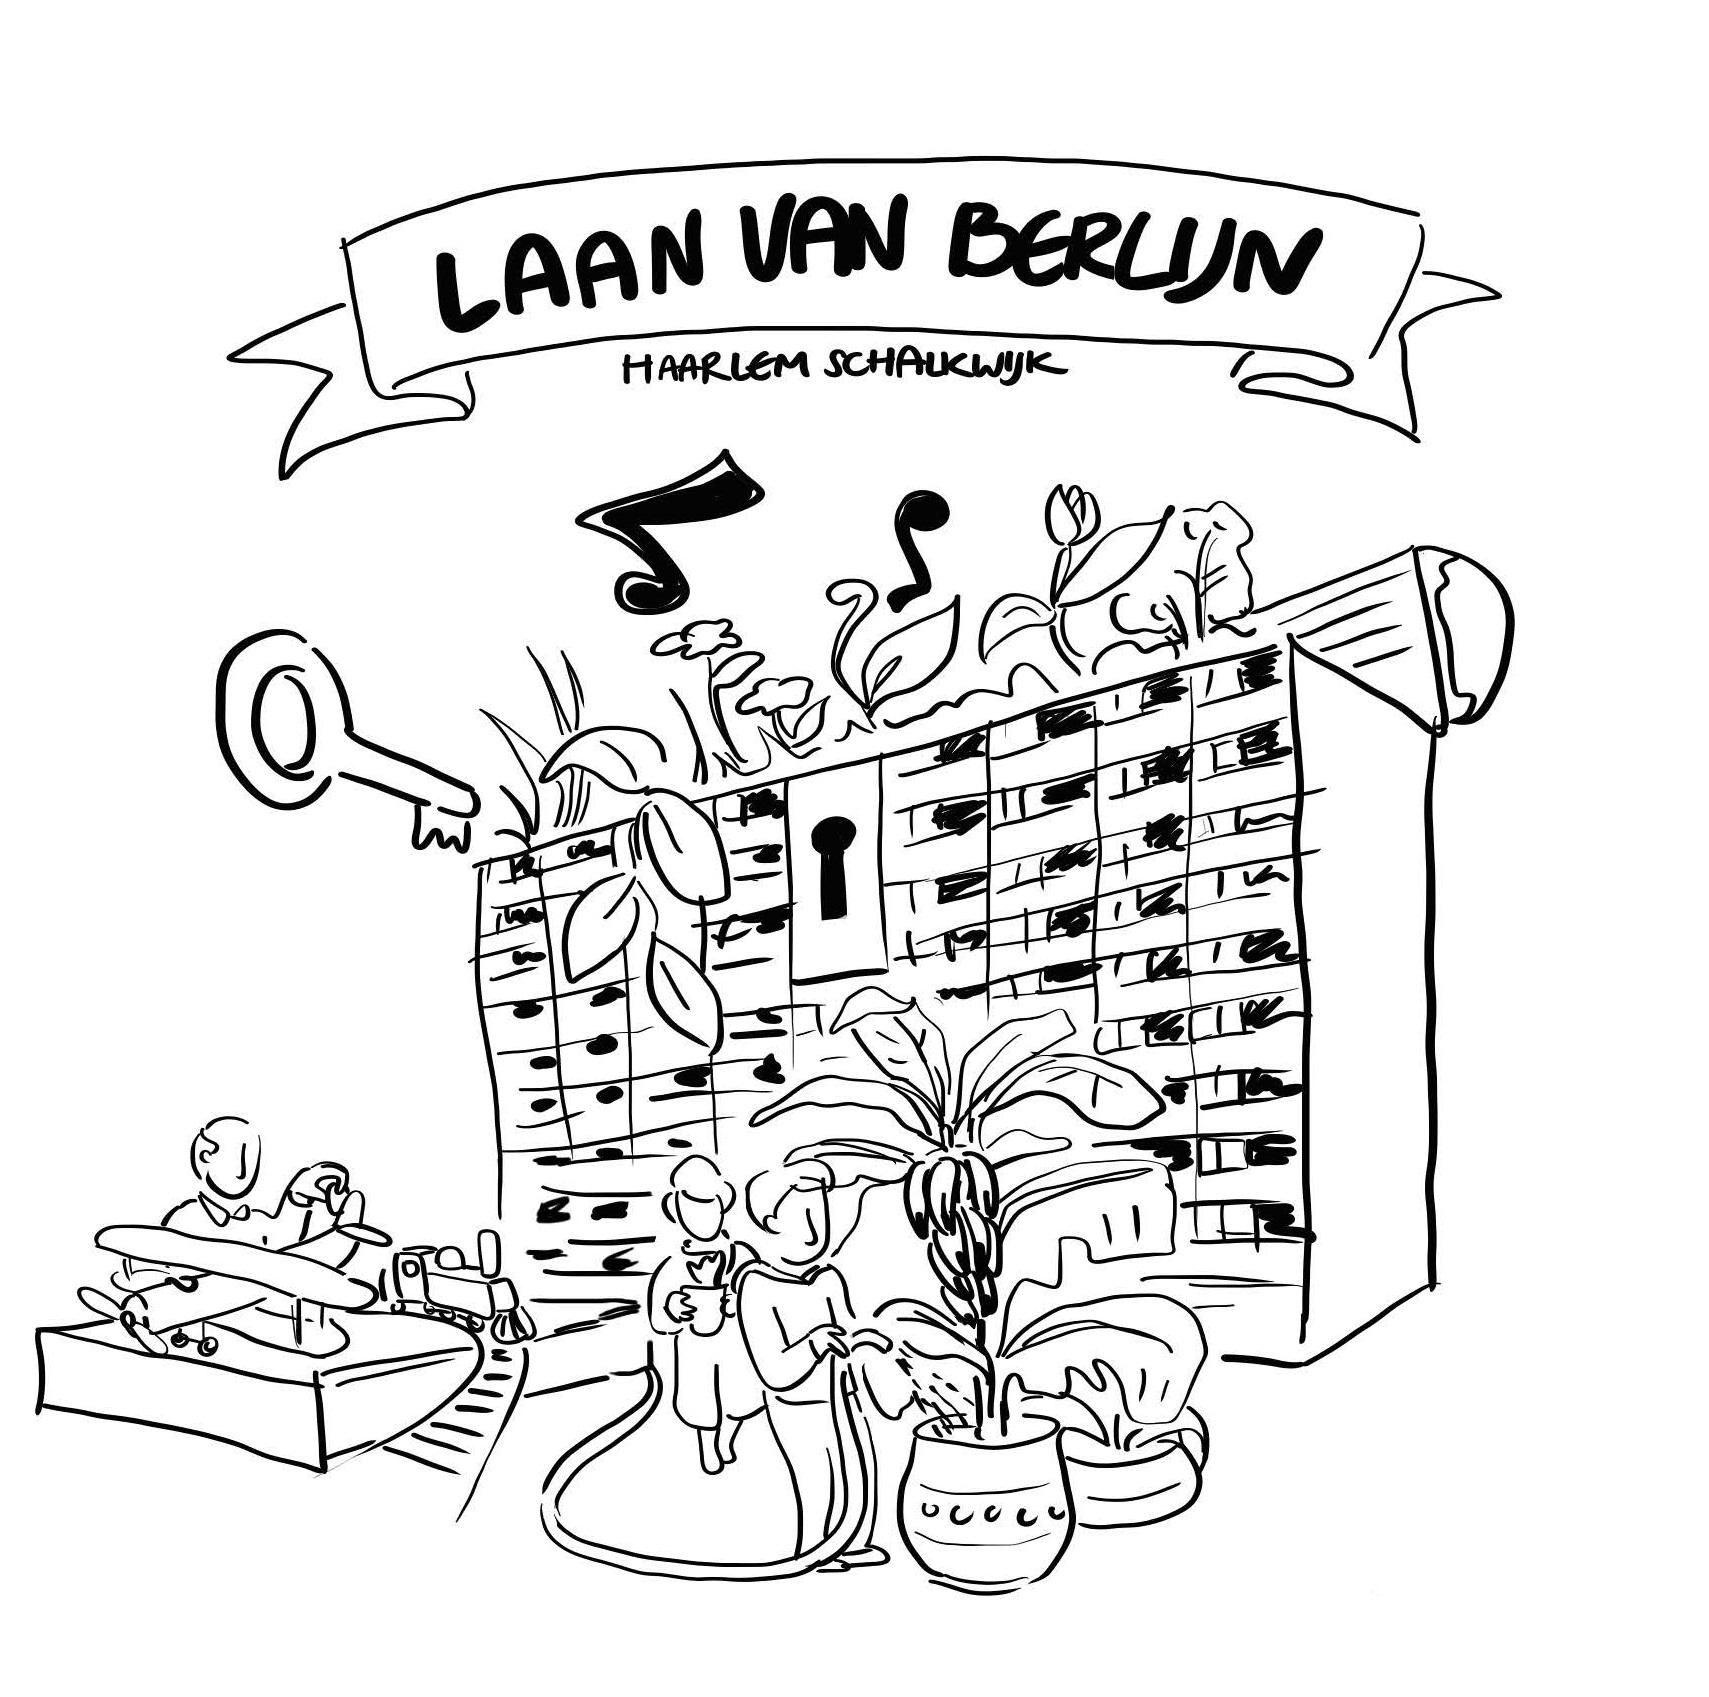 Tekening Laan van Berlijn bijgesneden.jpg